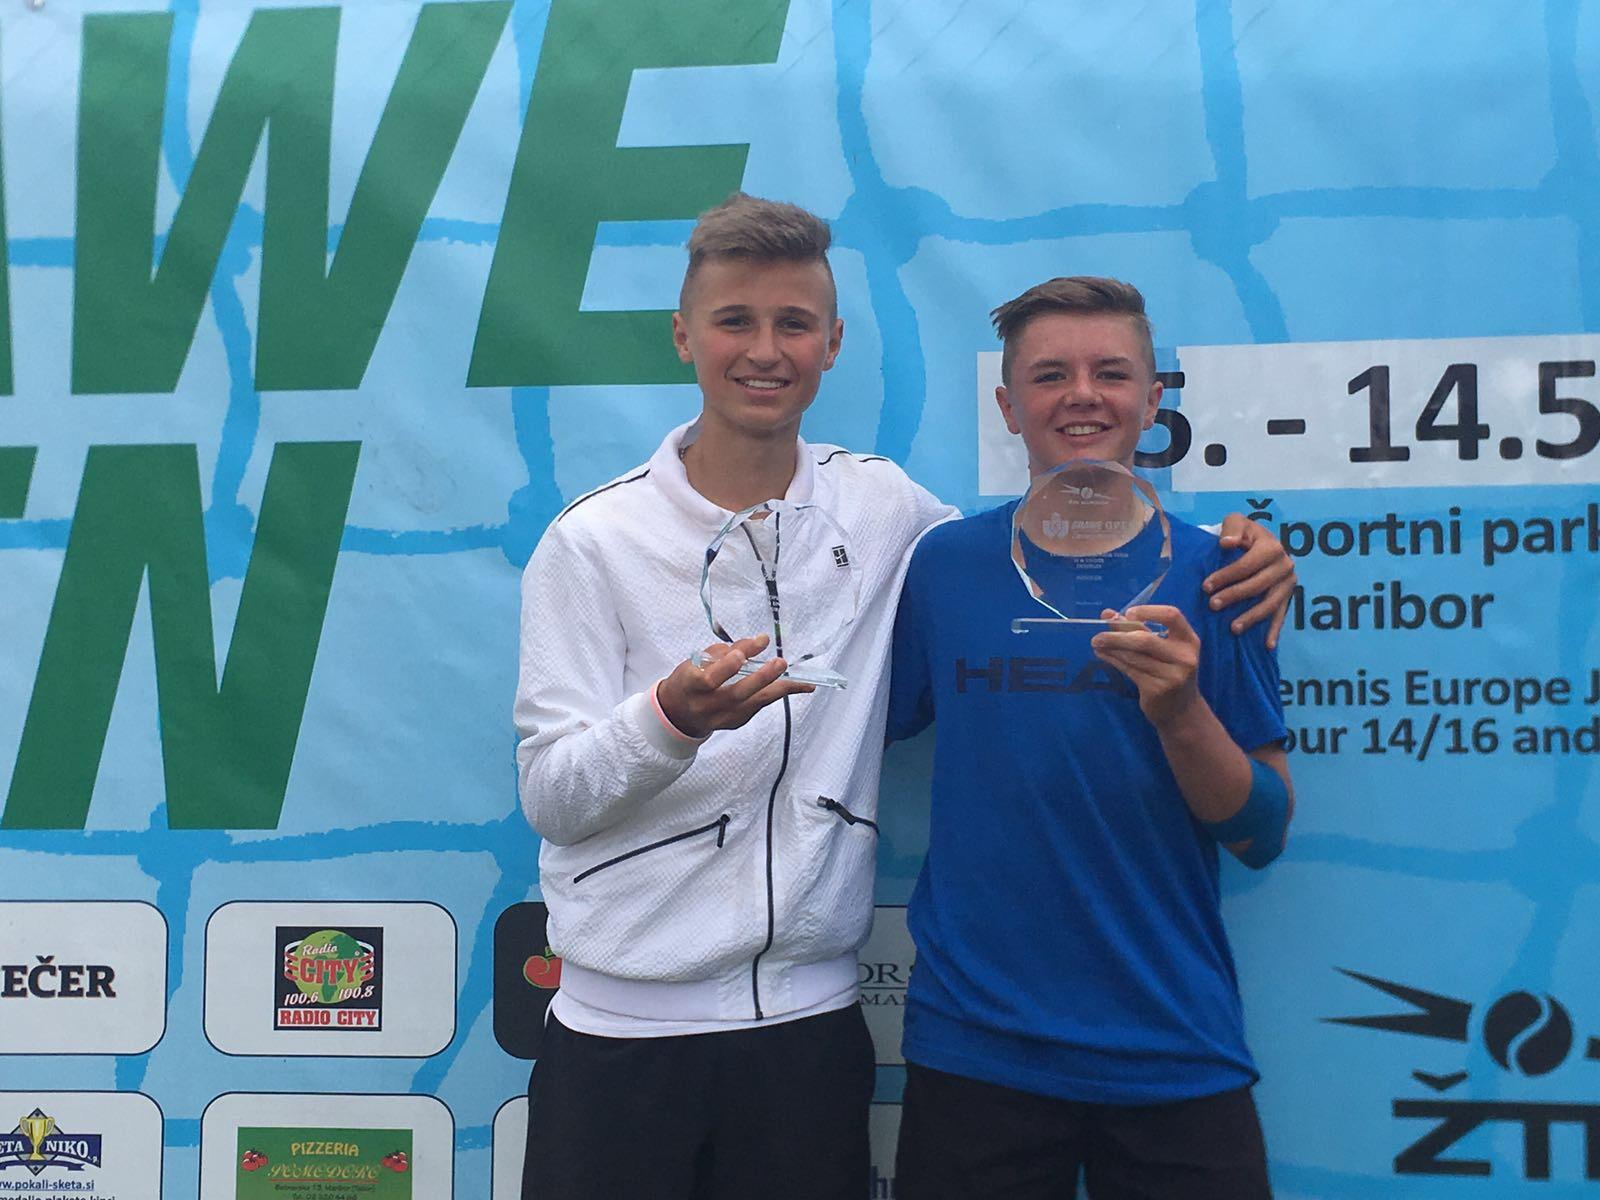 Sieger Maribor MD U16 mit Leandro Riedi